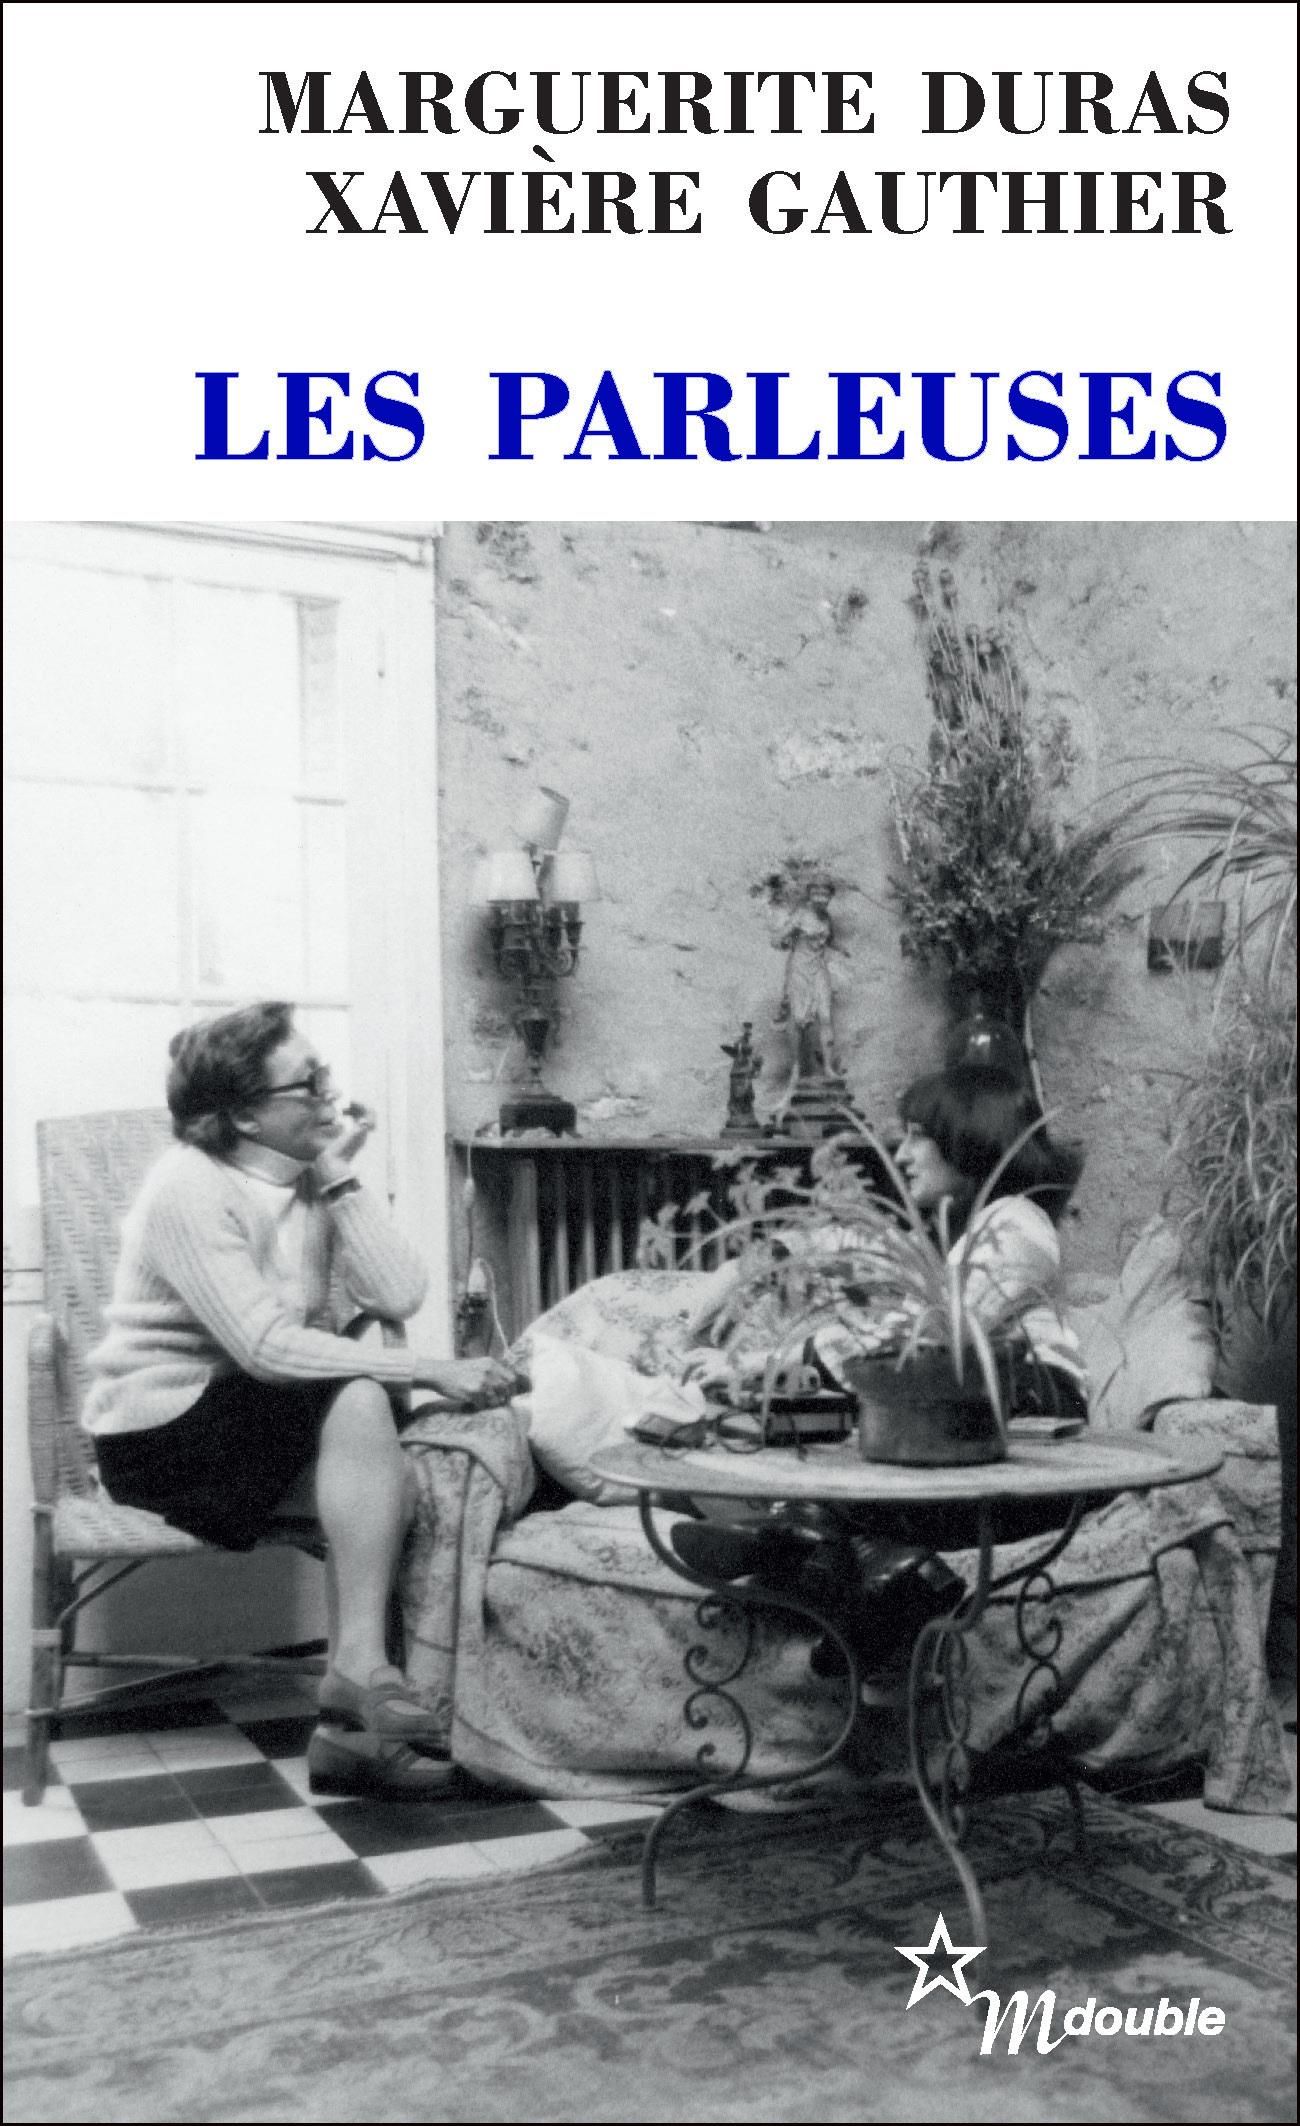 Couverture : Parleuses (Les) Marguerite Duras, Xavière Gauthier